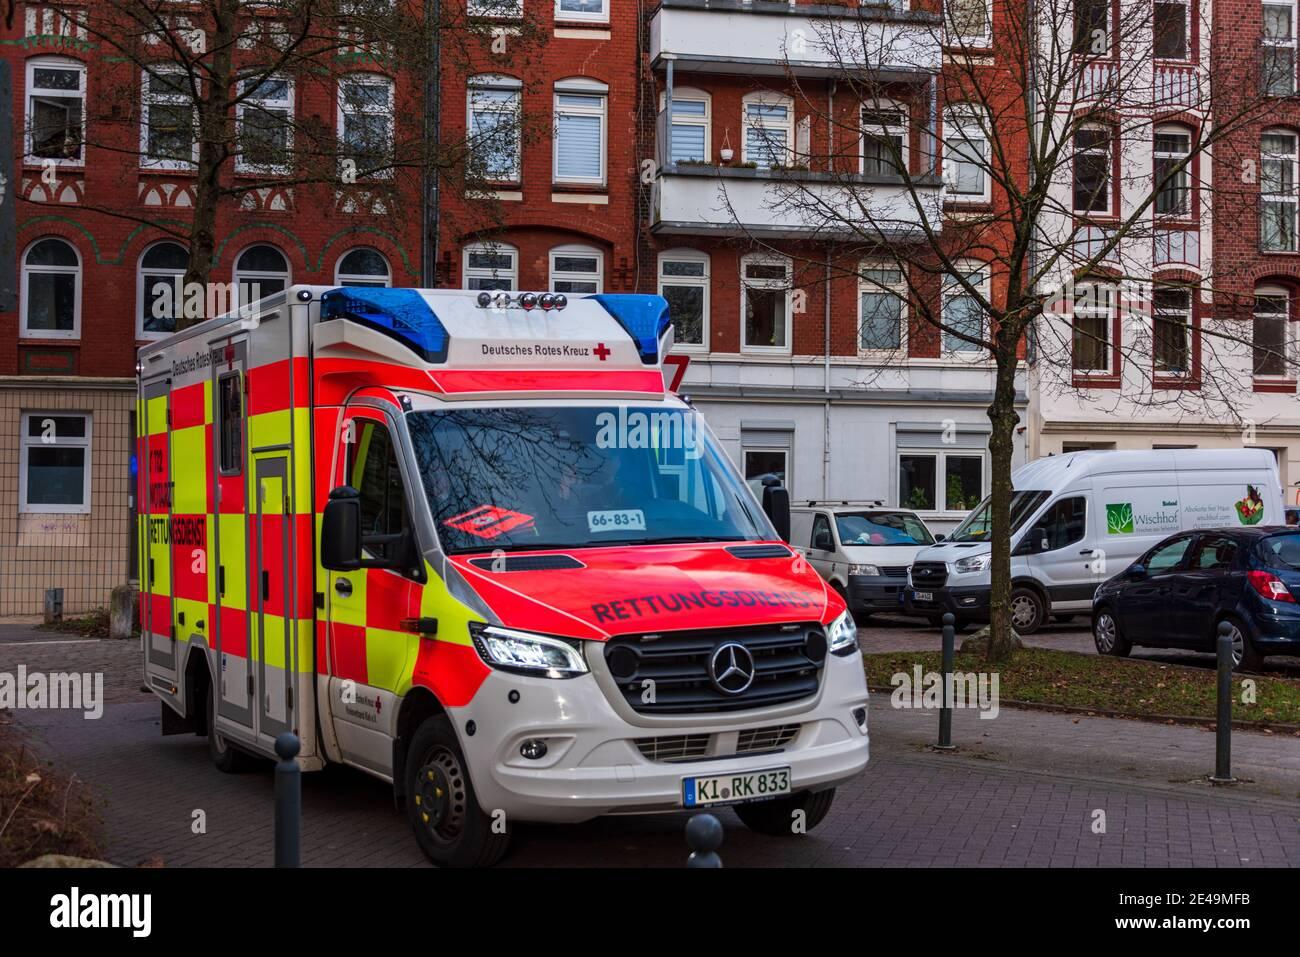 Ein Notarztwagen der Deutschen Roten Kreuz im Einsatz in der Kieler Innenstadt Stock Photo